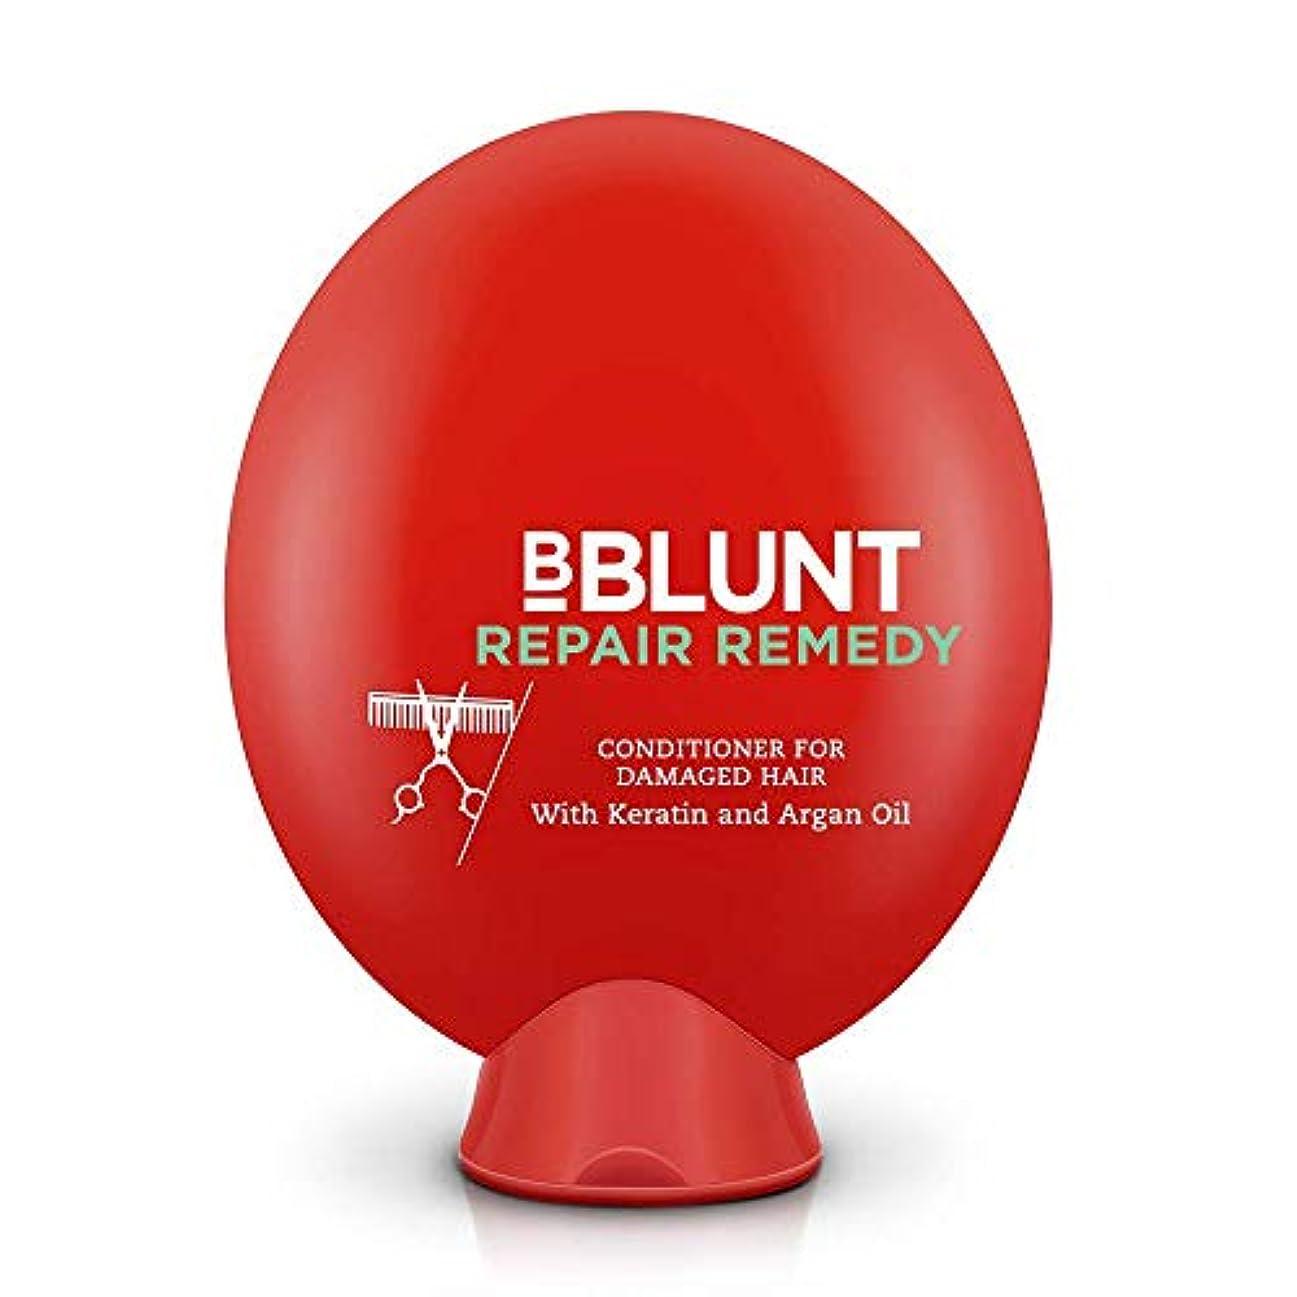 居住者くぼみオーバーコートBBLUNT Repair Remedy Conditioner for Damaged Hair, 200g (Keratin and Argan Oil)